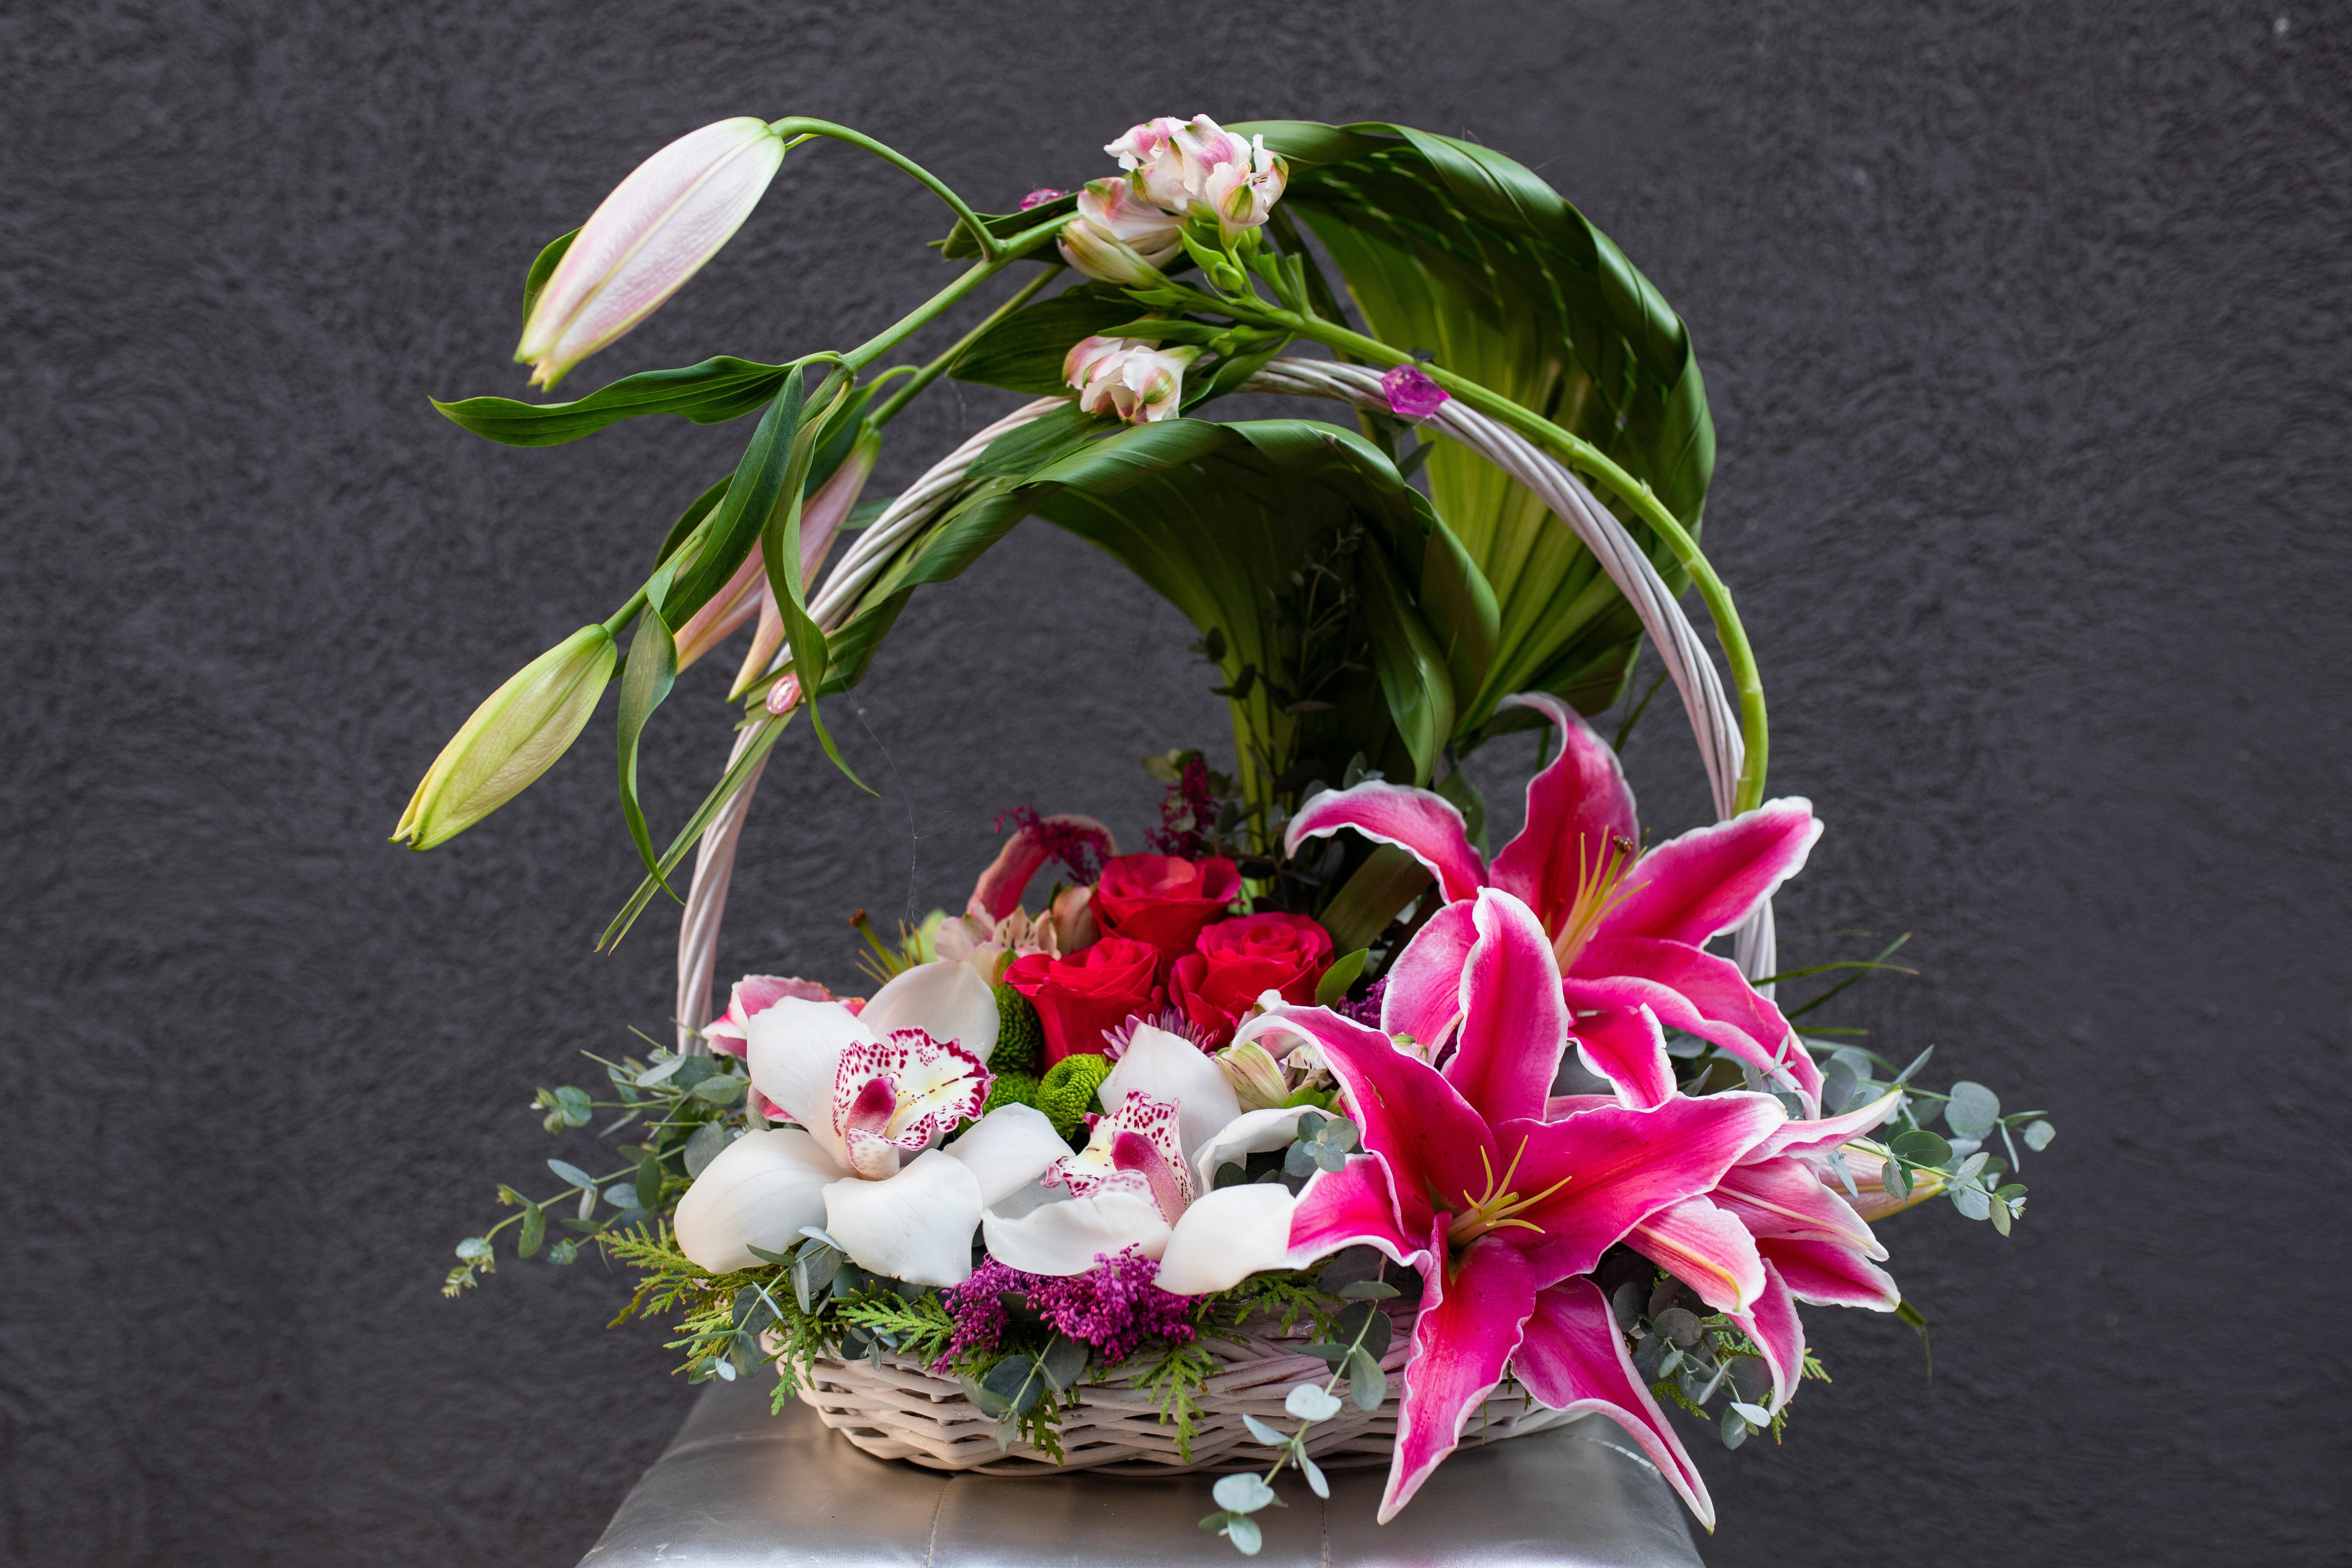 Cvetni aranžman sa orjentalnim ljiljanom i orhidejama